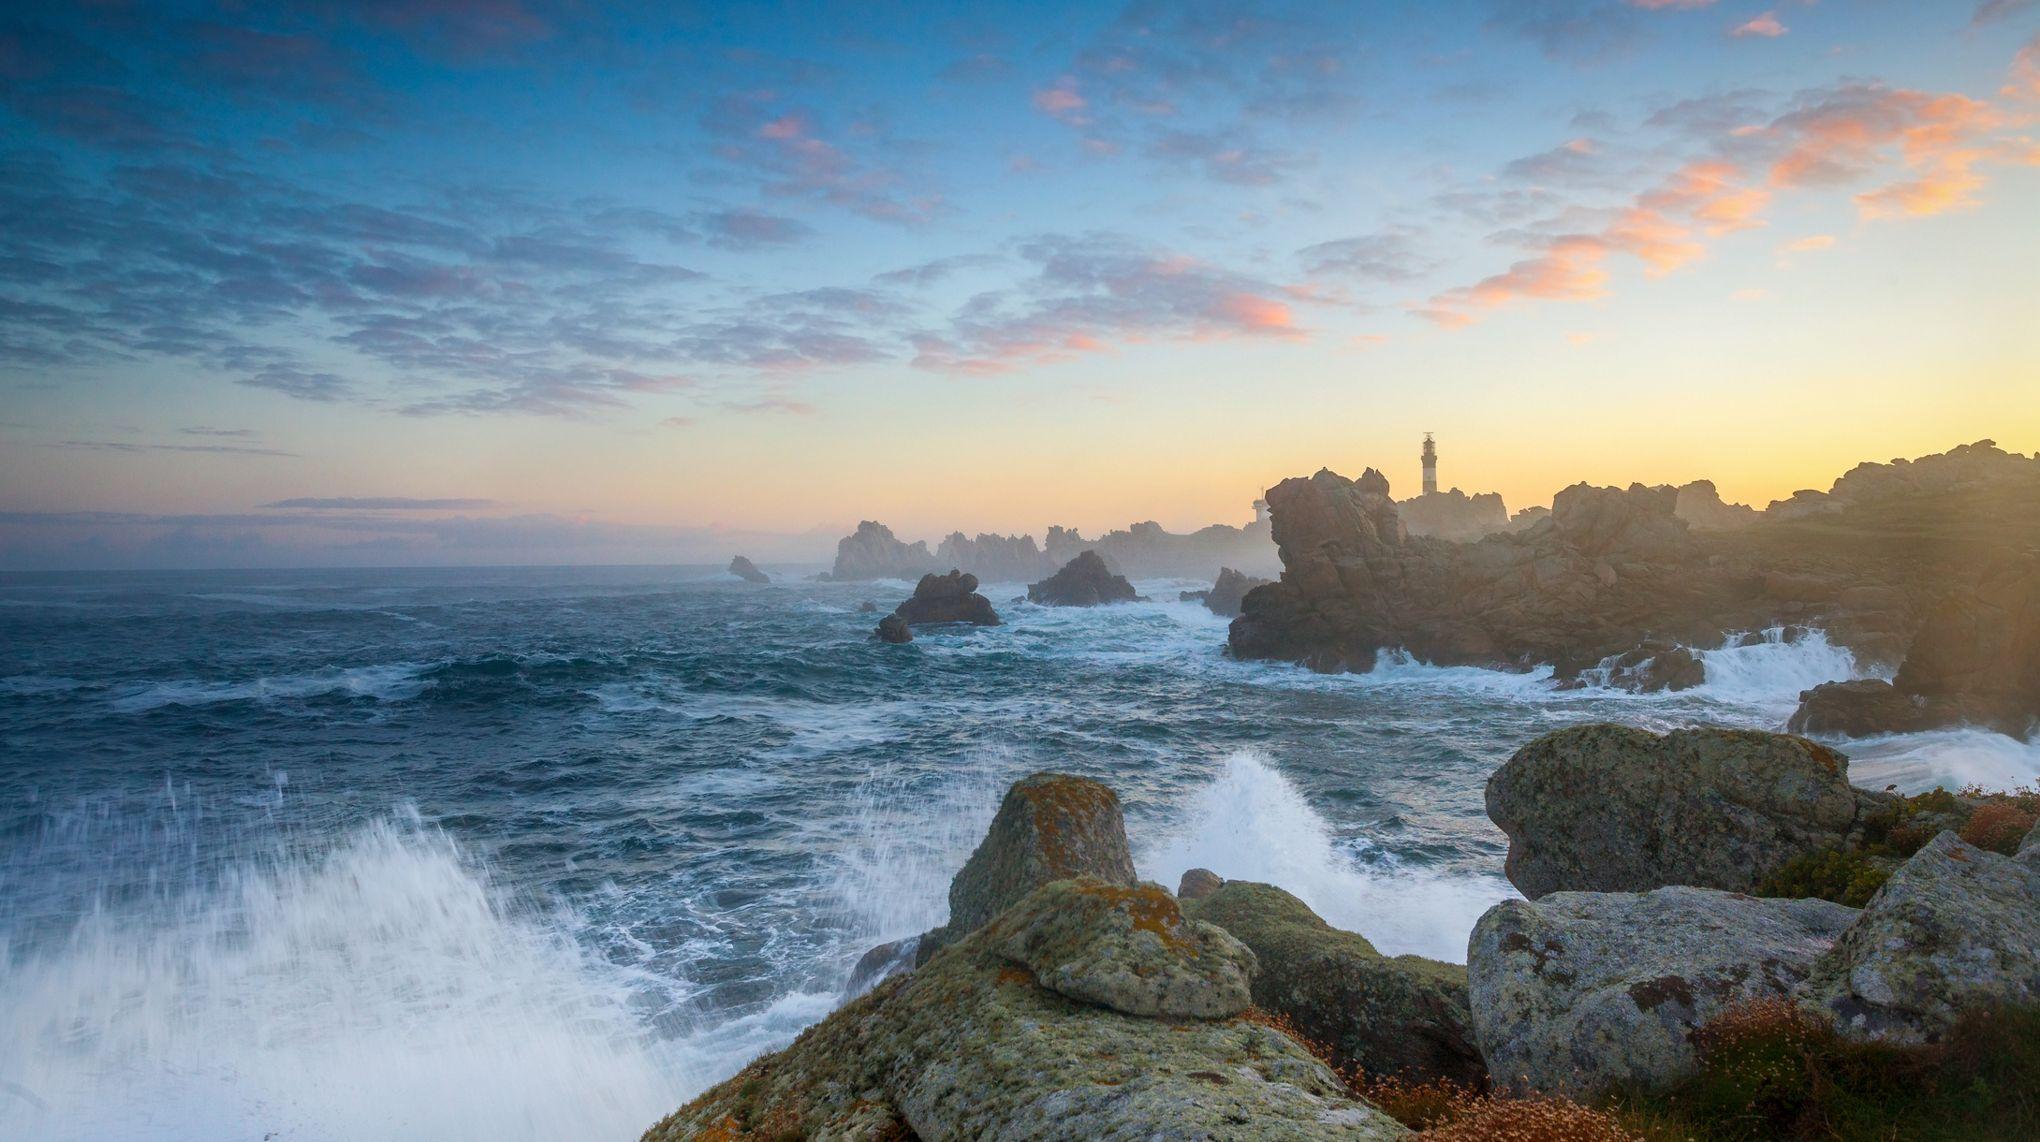 Sauvage et spectaculaire, cinq bonnes raisons d'aller sur l'île d'Ouessant cet hiver